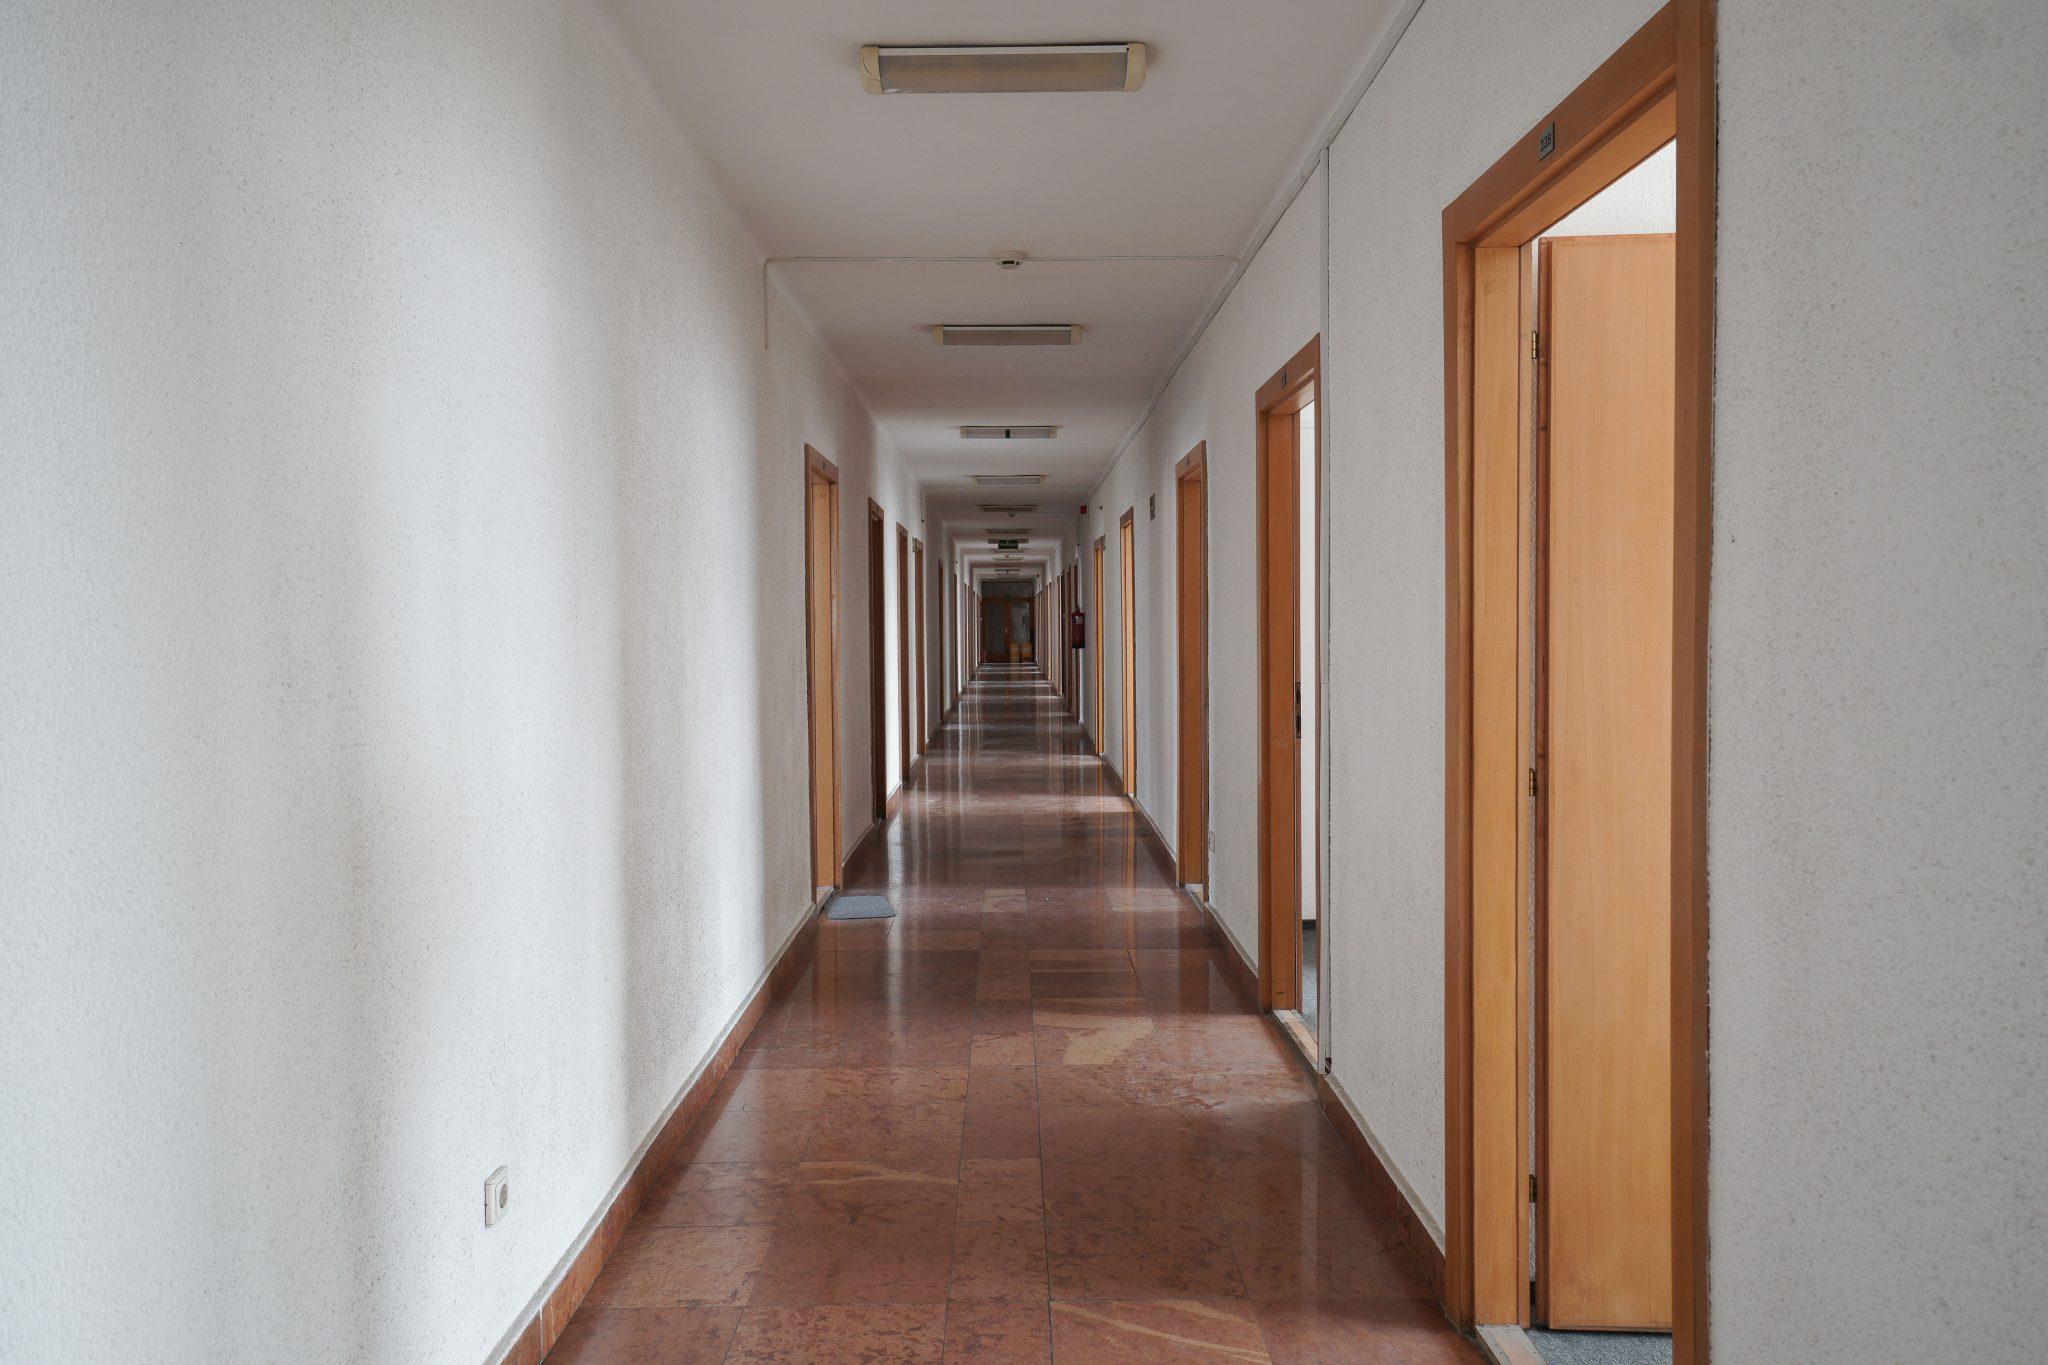 Folyosó találat